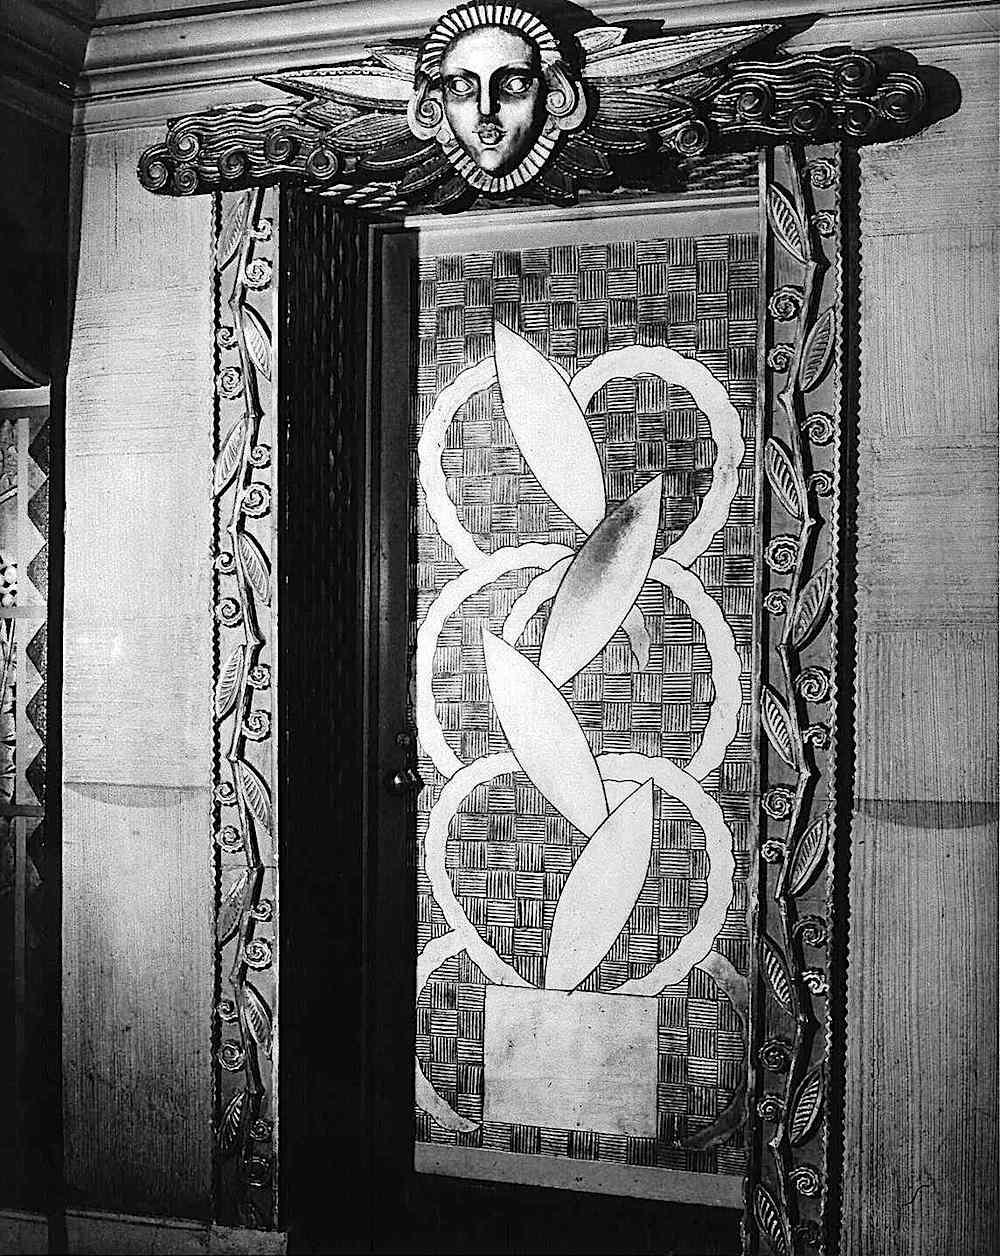 an old metal elevator door